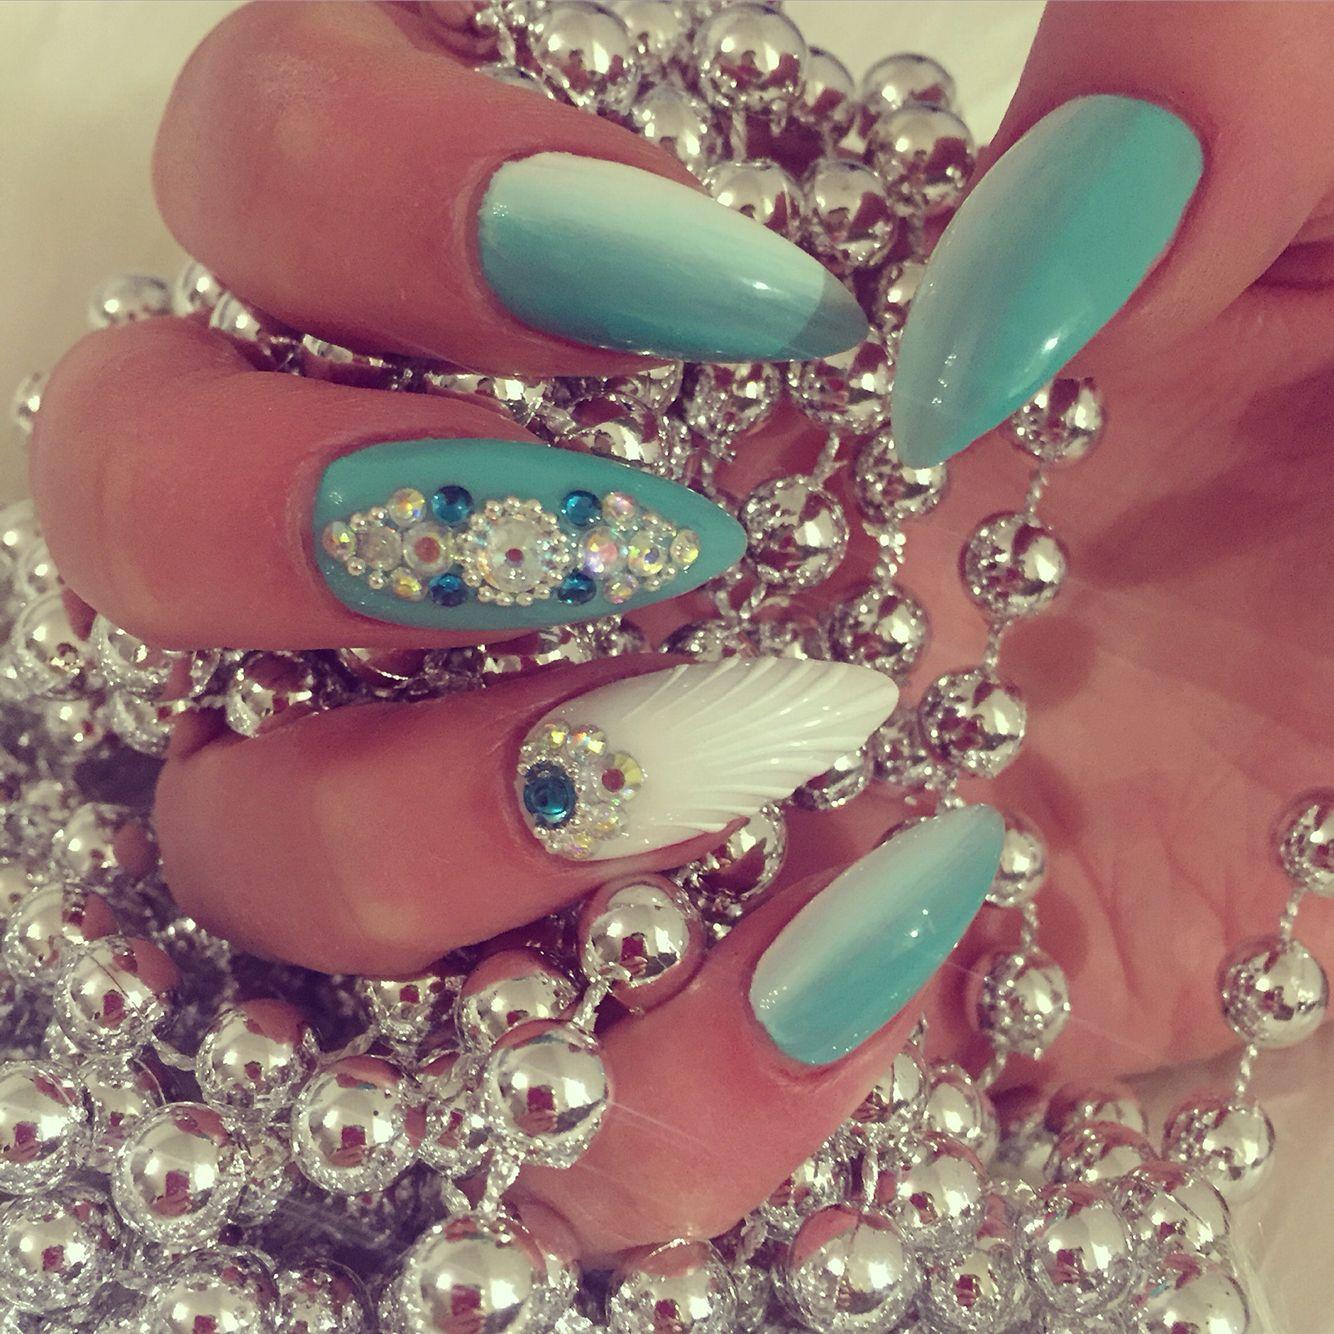 Nails by Pantherina Beauty, Helsinki